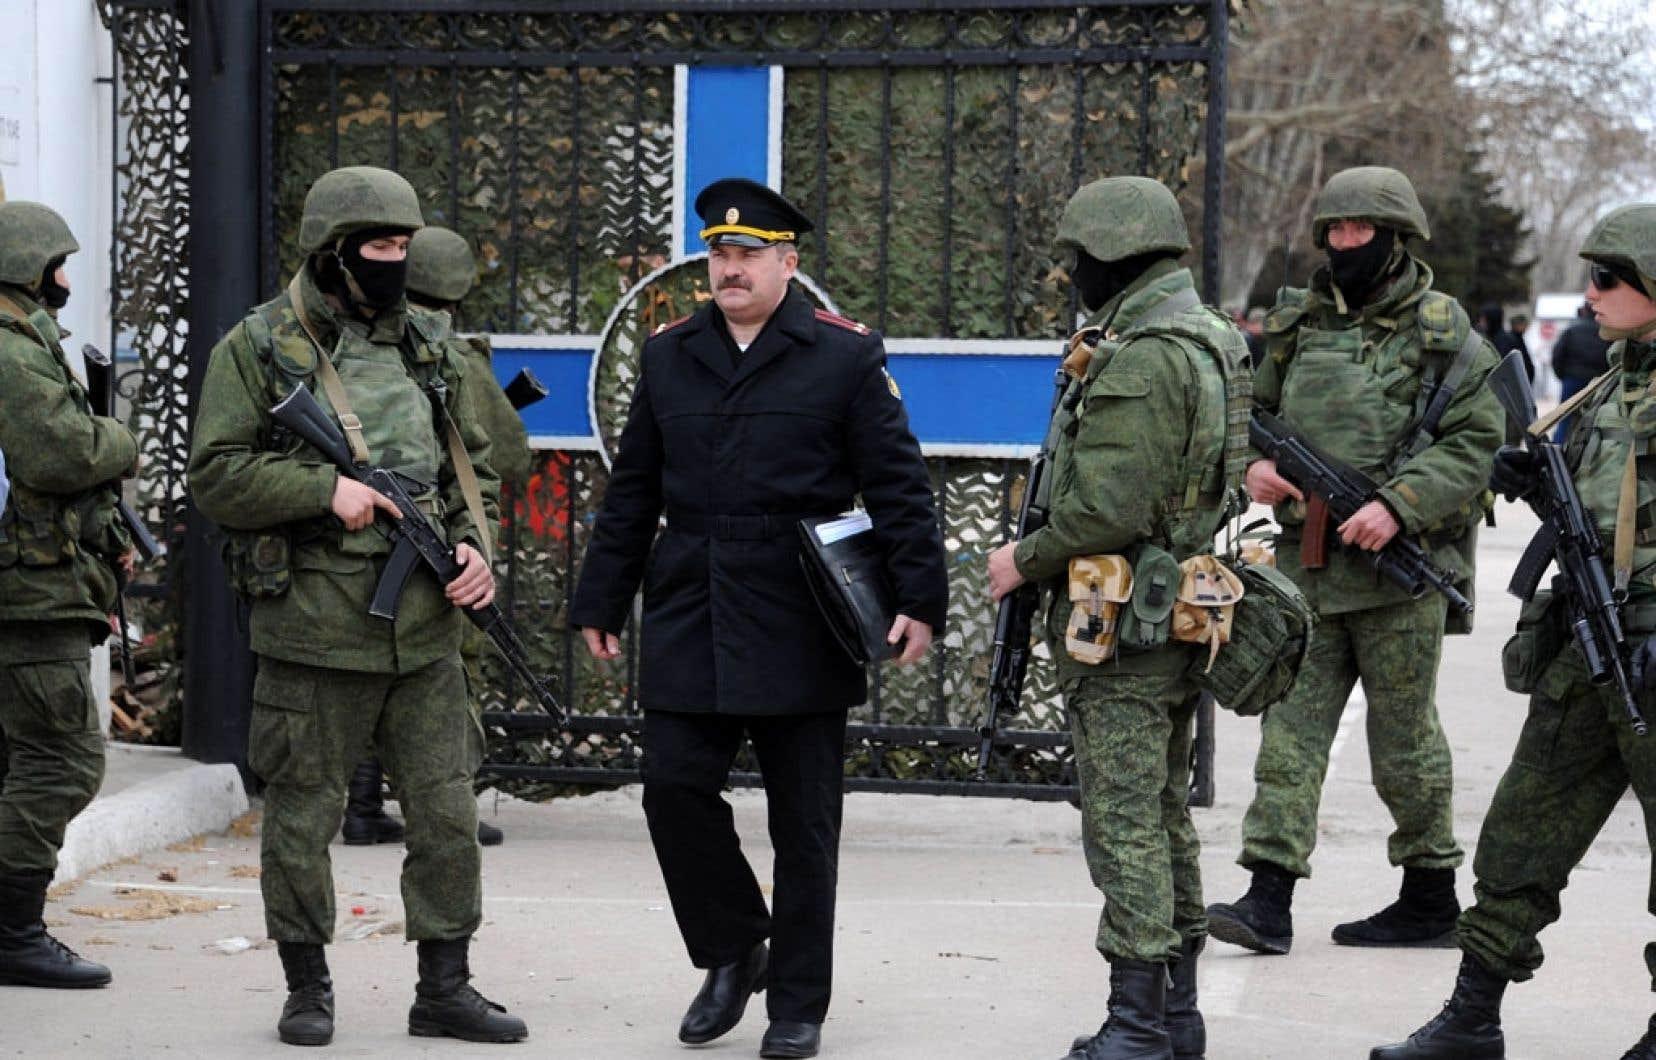 Sans violence, des soldats russes ont investi mercredi des bases militaires ukrainiennes en Crimée. Sur la photo, un haut gradé ukrainien quitte la base à laquelle il était affecté.